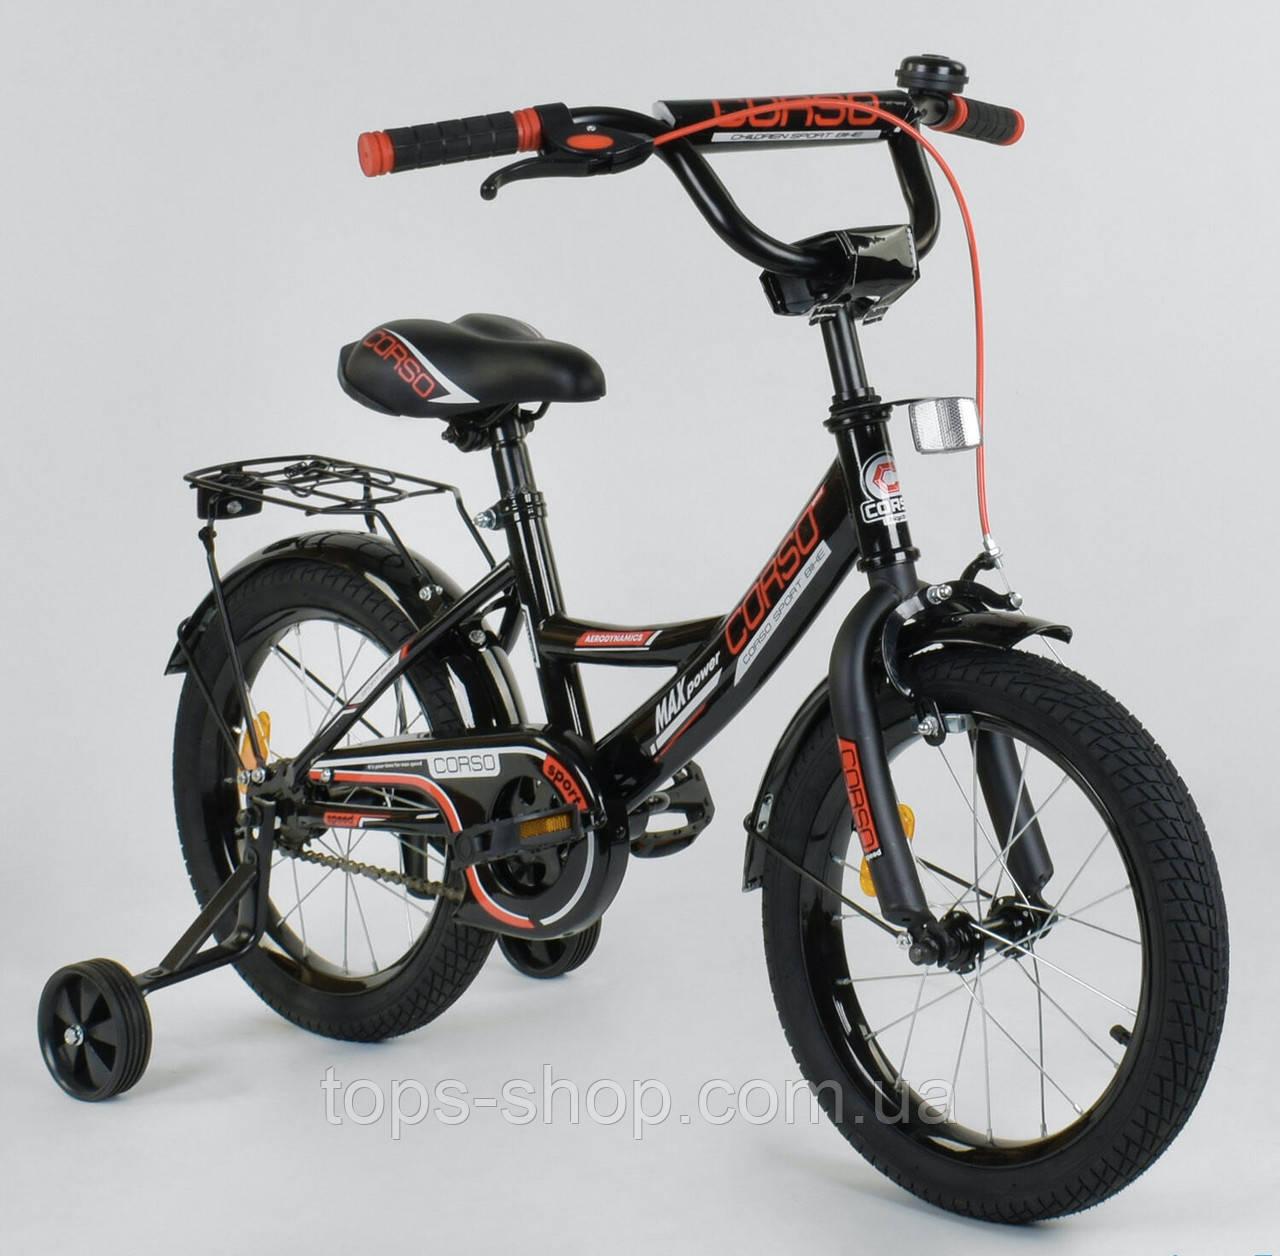 Велосипед дитячий двоколісний 16 дюймів Чорний, CORSO CL-16, 4-6 років, бокові колеса, ручного гальма, багажник